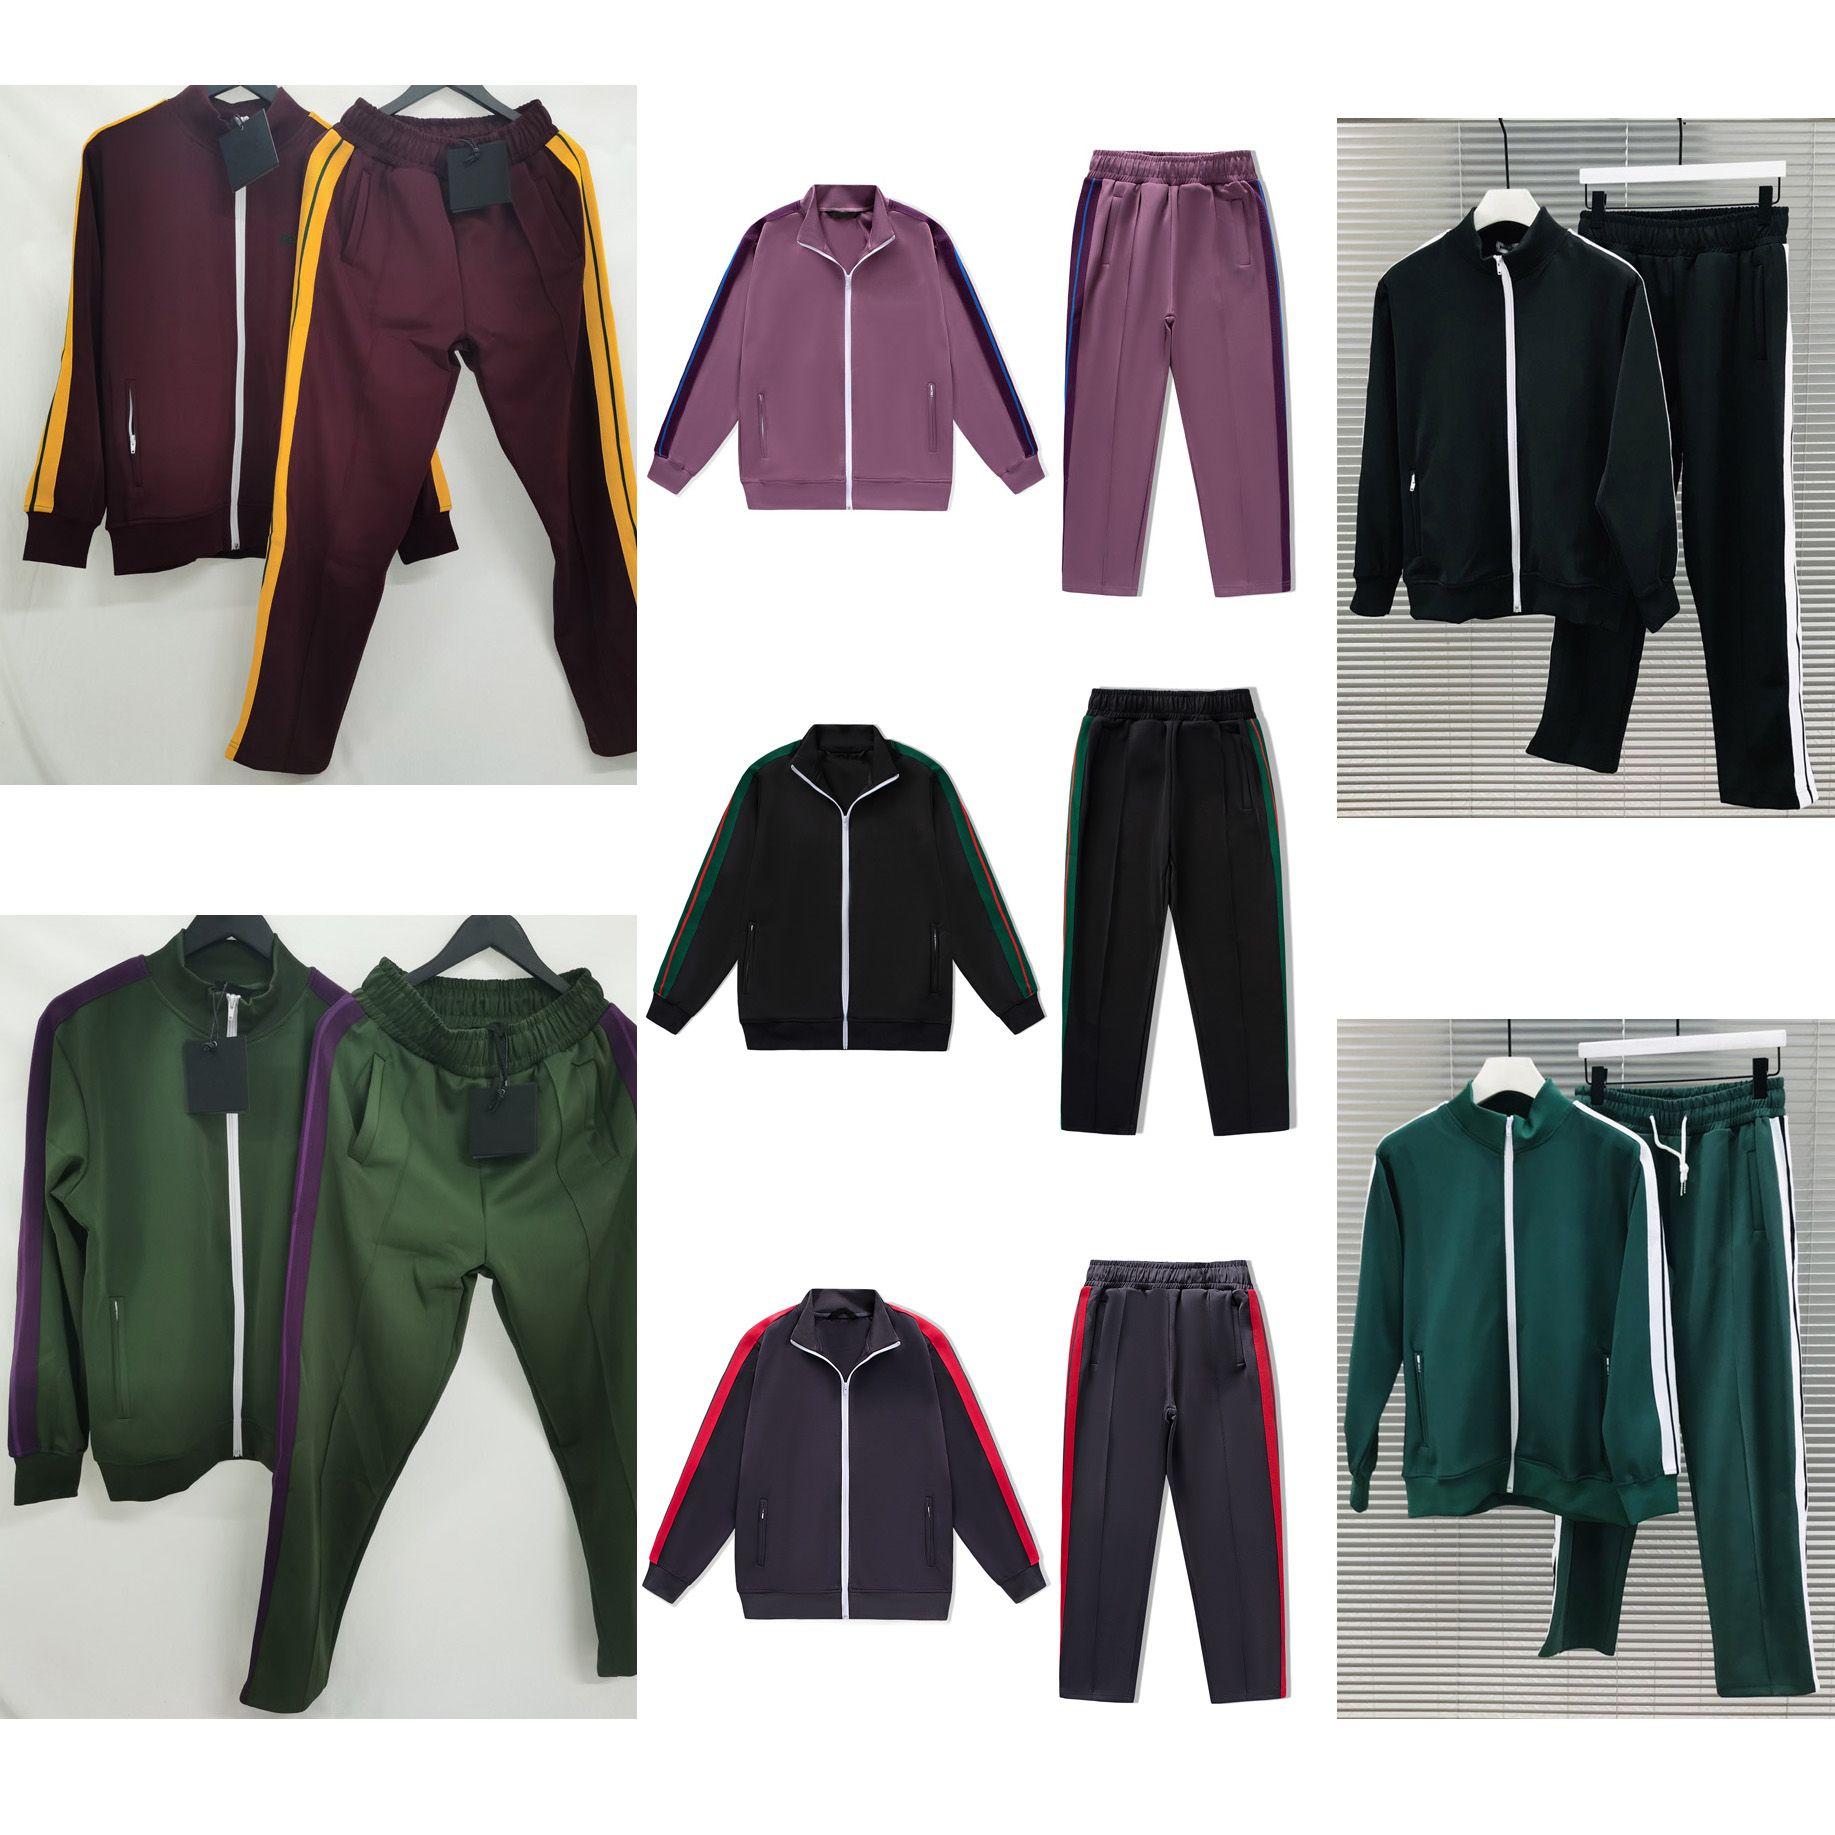 20ss Yeni Renkler Erkek Eşofman Erkek Kadın Ceket Hoodie Kapşonlu Pantolon Erkekler S Giyim Spor Hoodies Eşofman Adam Tasarımcılar Giysi